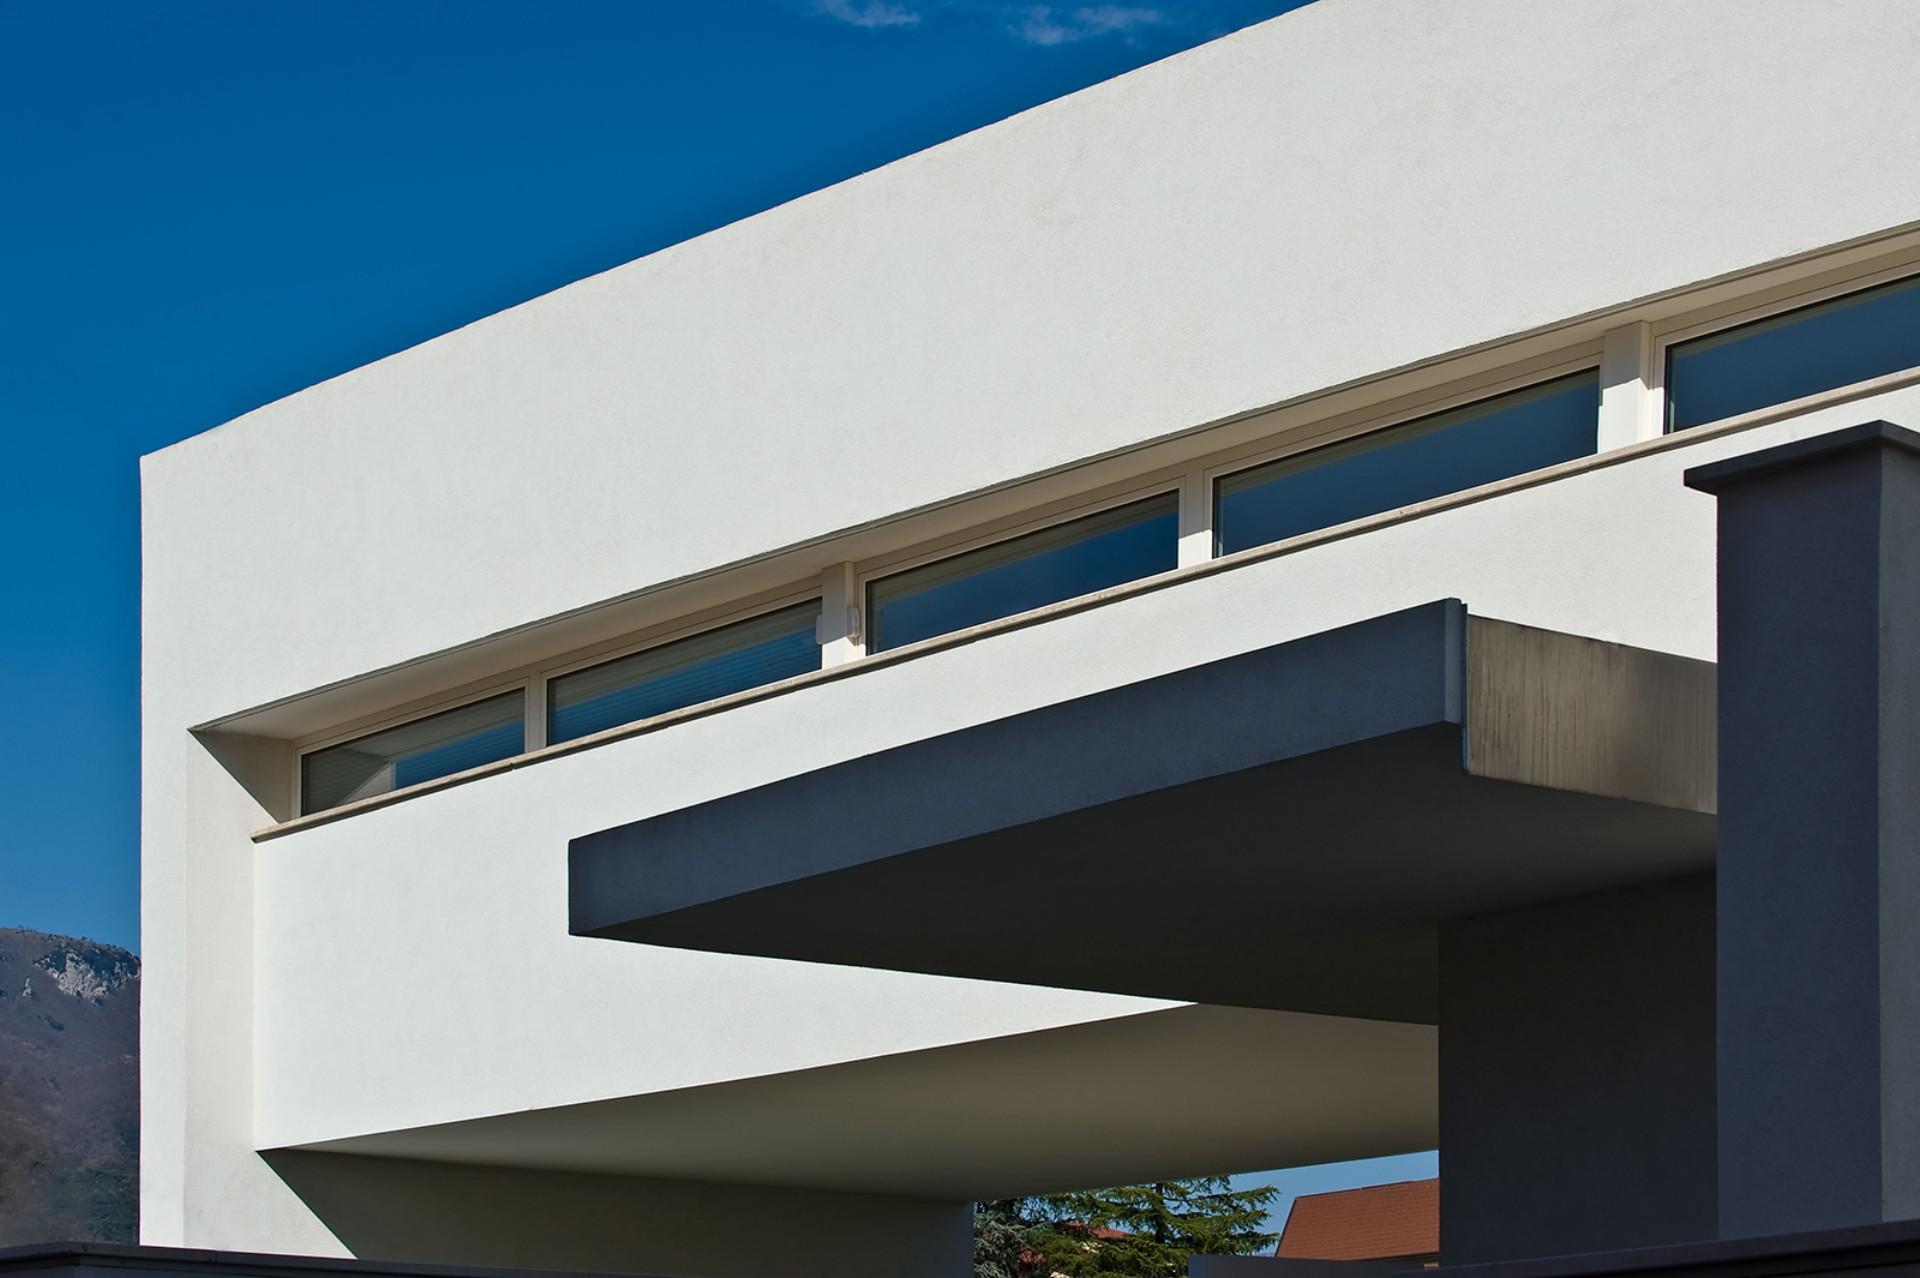 Bruno Architettura Domus OMA Eboli